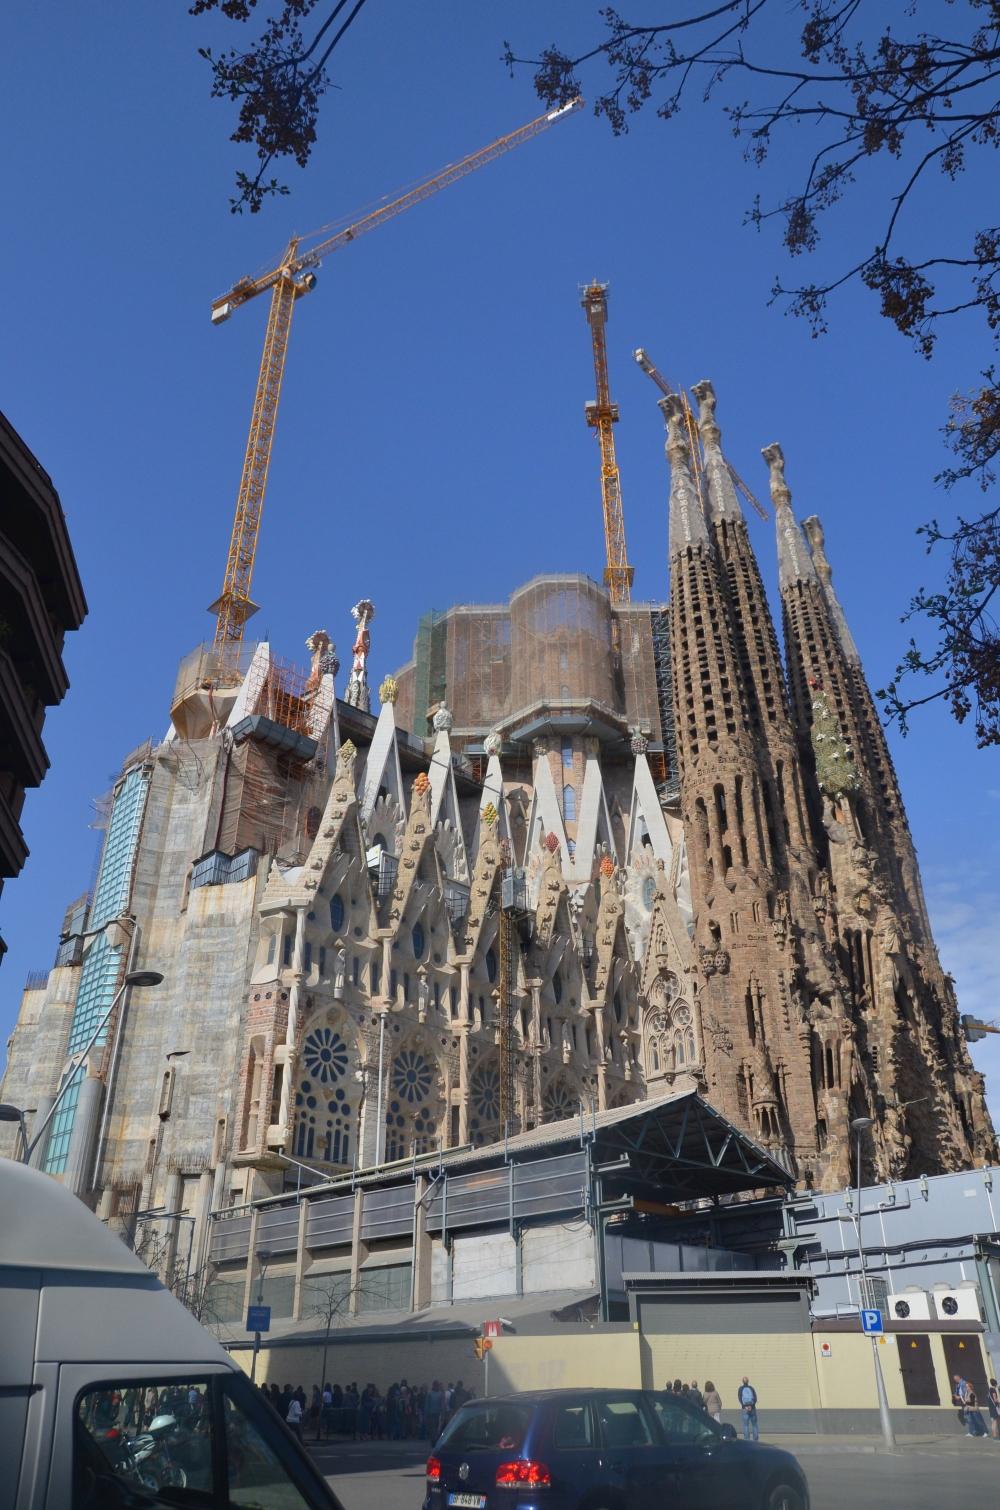 letovanje/spanija/vesti/barcelona-1/sagrada-familia.jpg